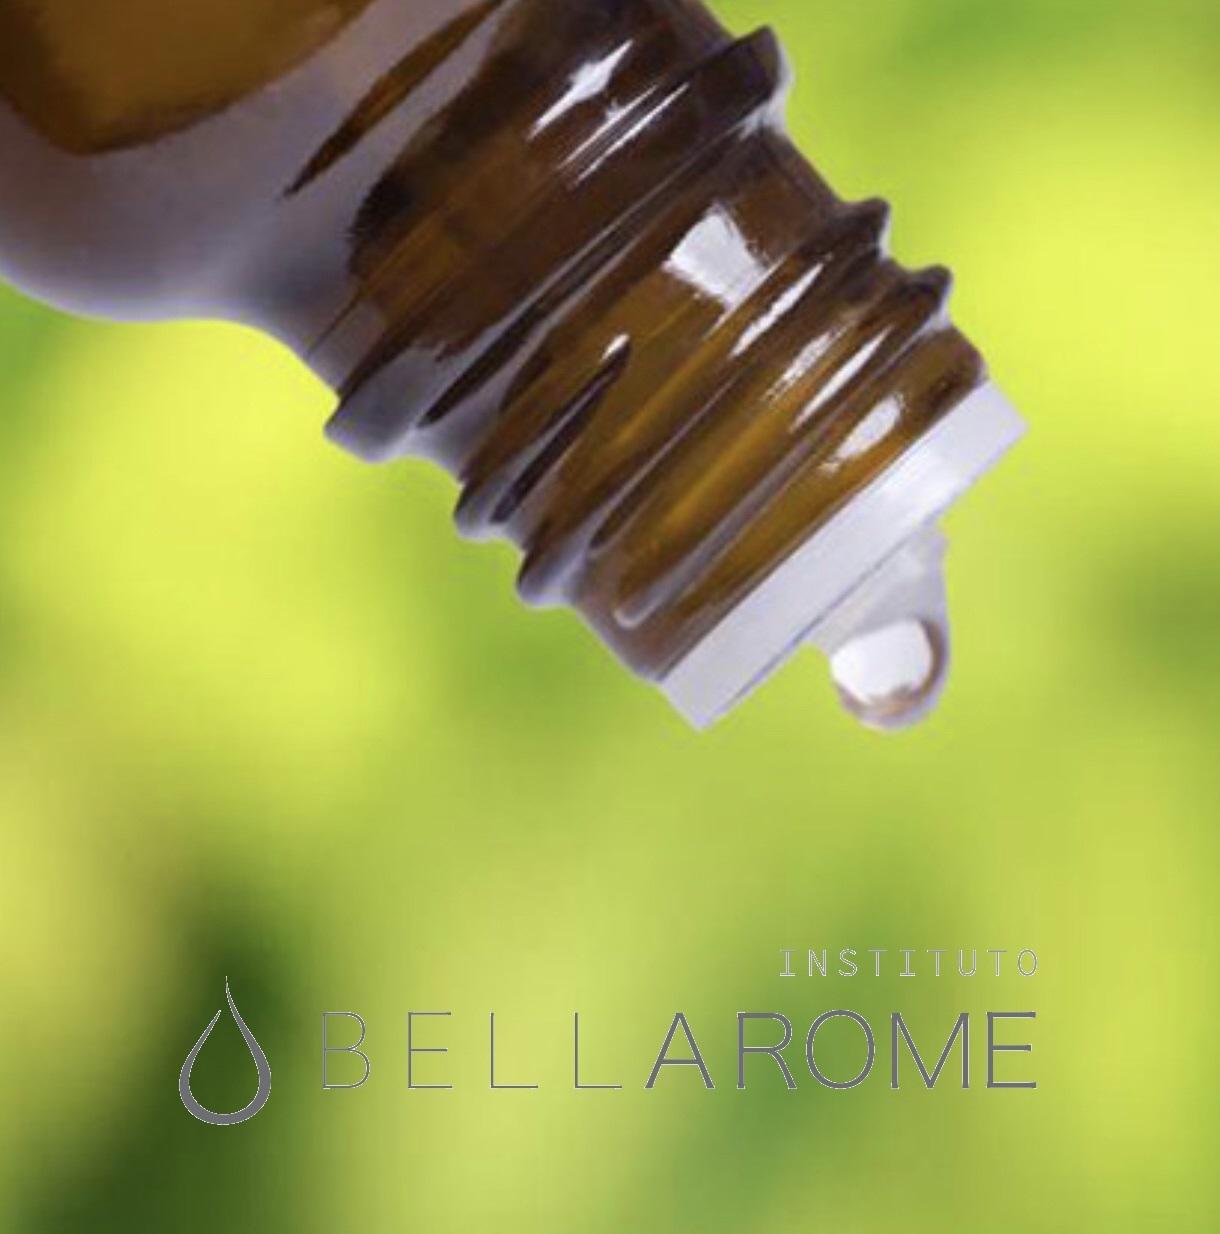 Curso: Segurança biológica na utilização de óleos essenciais: aperfeiçoamento em bases bioquímicas  - Bellarome Aromaterapia